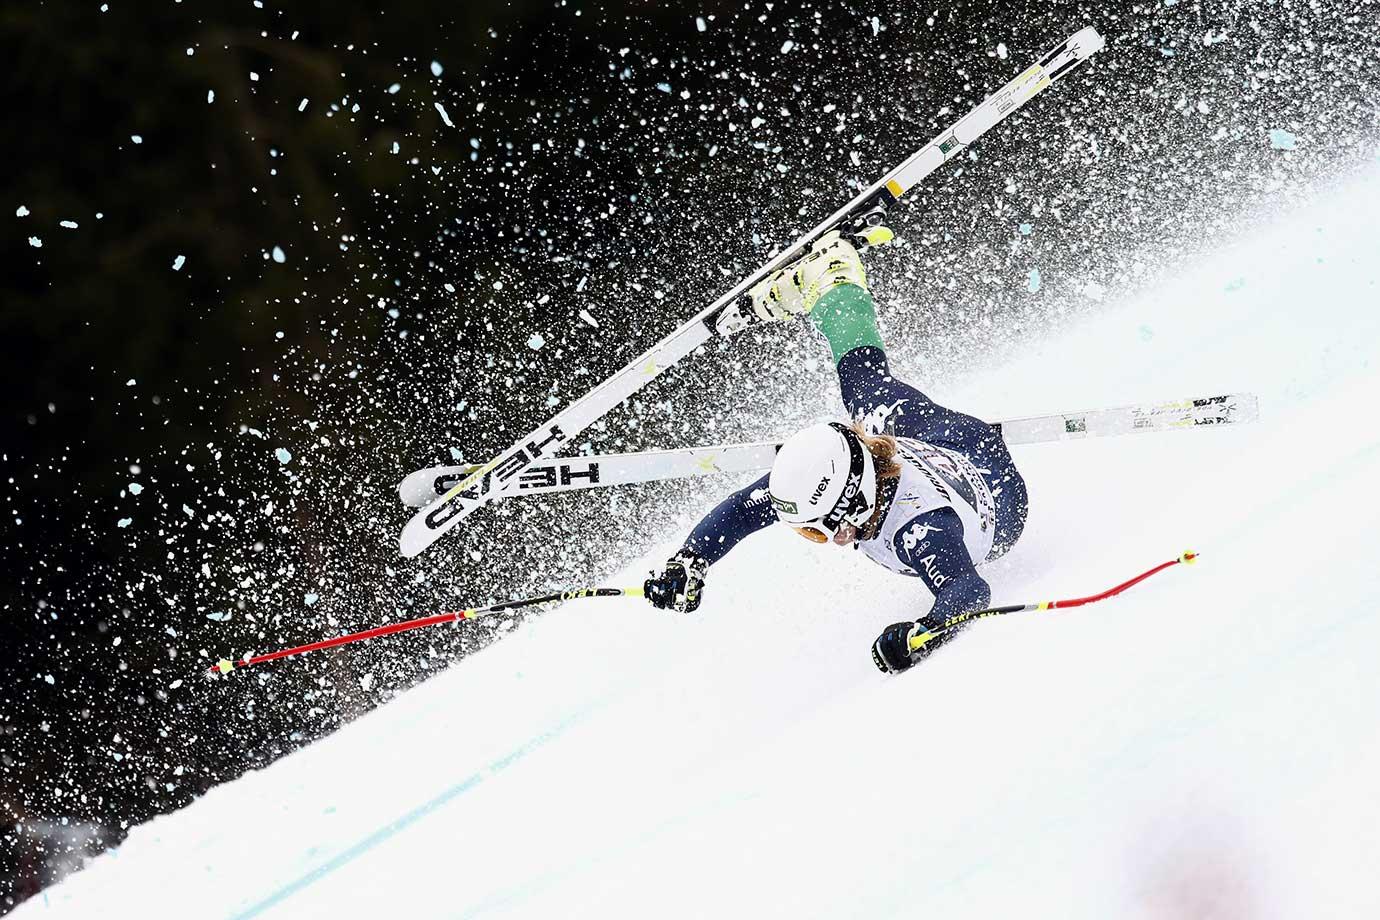 Verena Gasslitter of Italy crashes during the Audi FIS Alpine Ski World Cup Women's Super G in Garmisch-Partenkirchen, Germany.